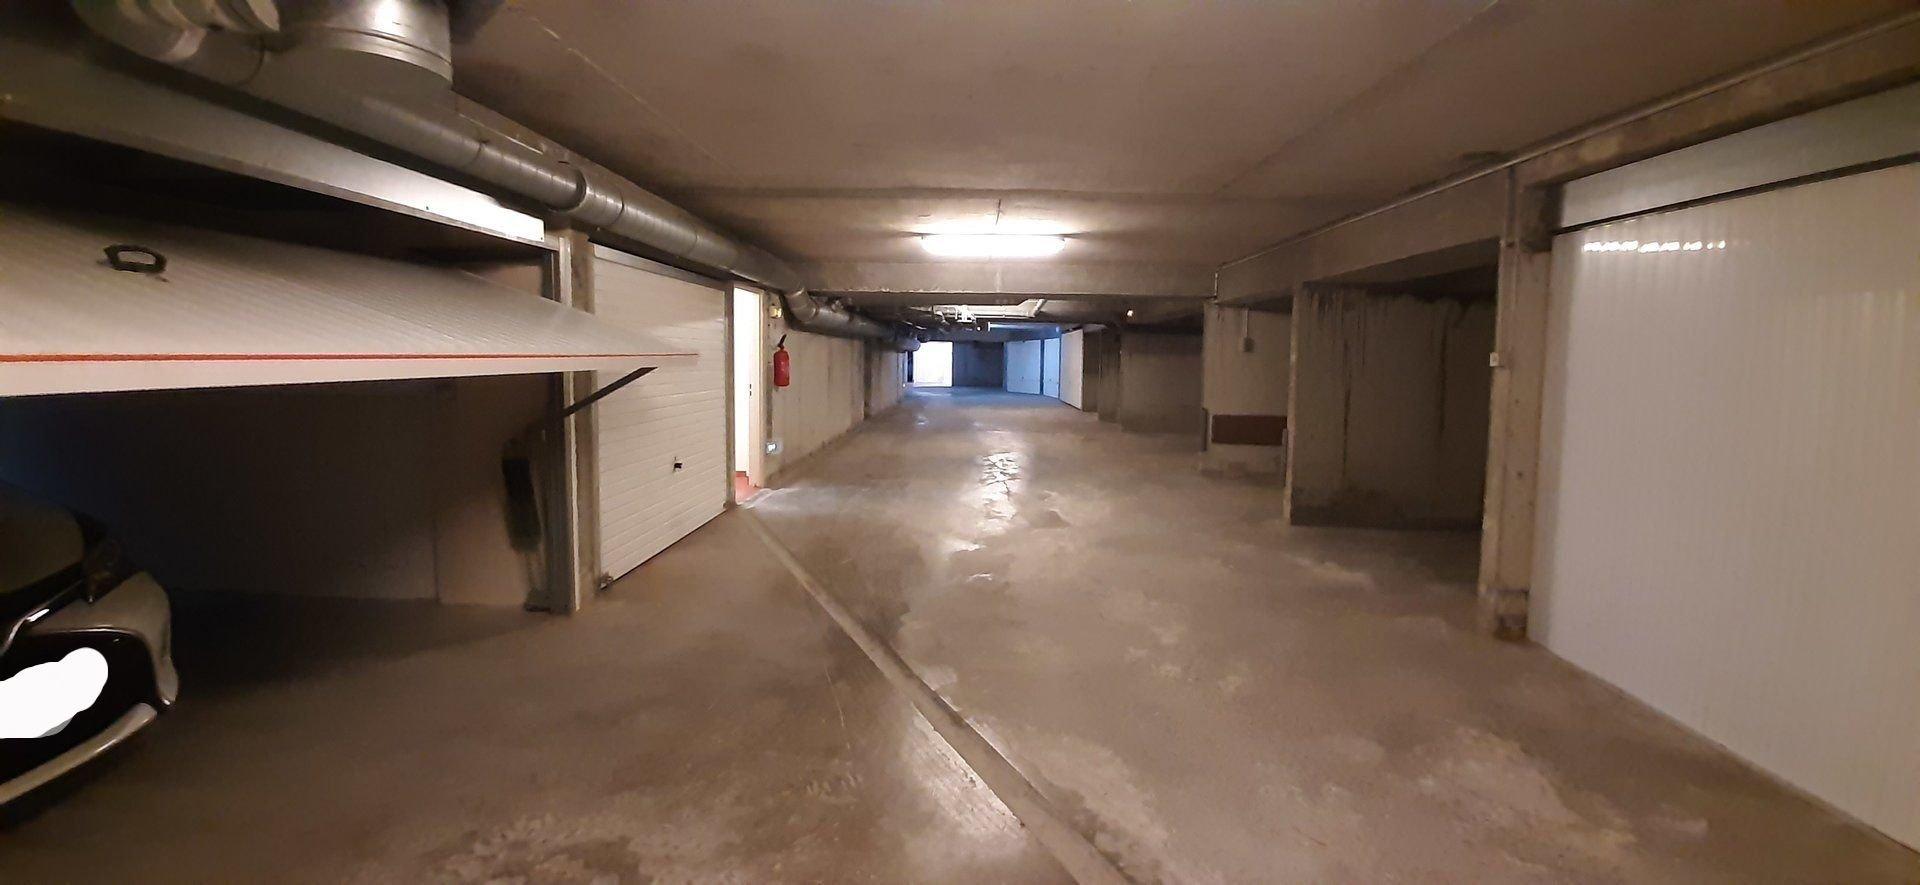 Mandelieu Minelle, T4 terrasse garage